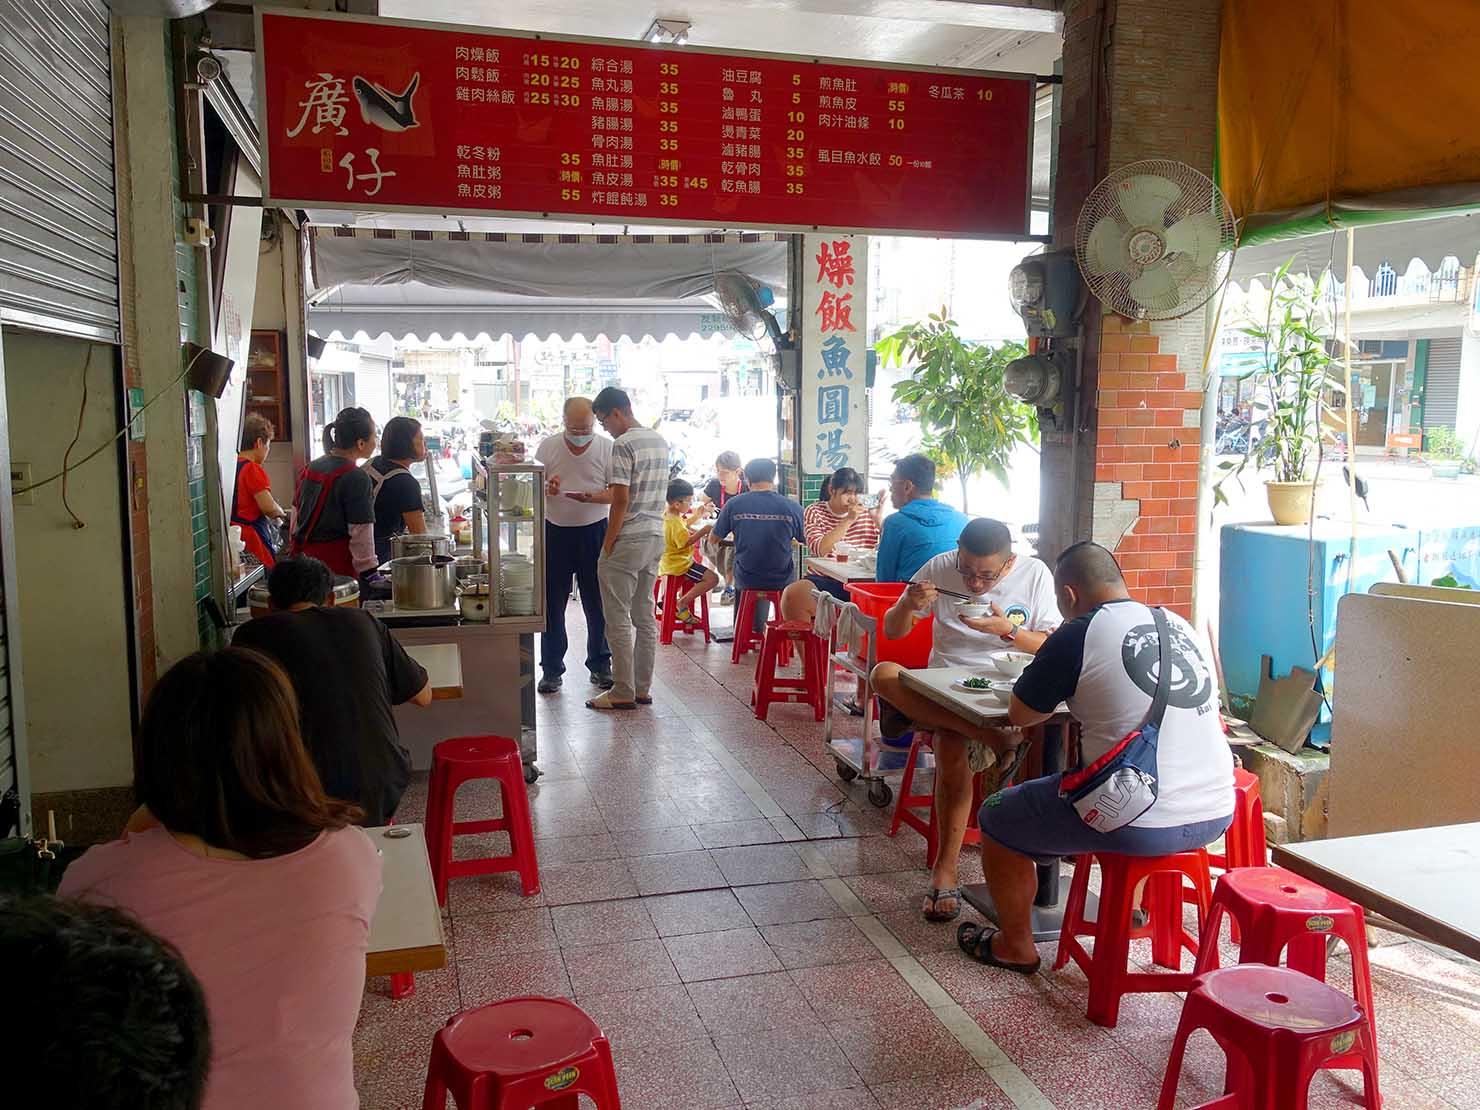 台南・孔廟エリアのおすすめグルメ店「廣仔虱目魚丸」の店内